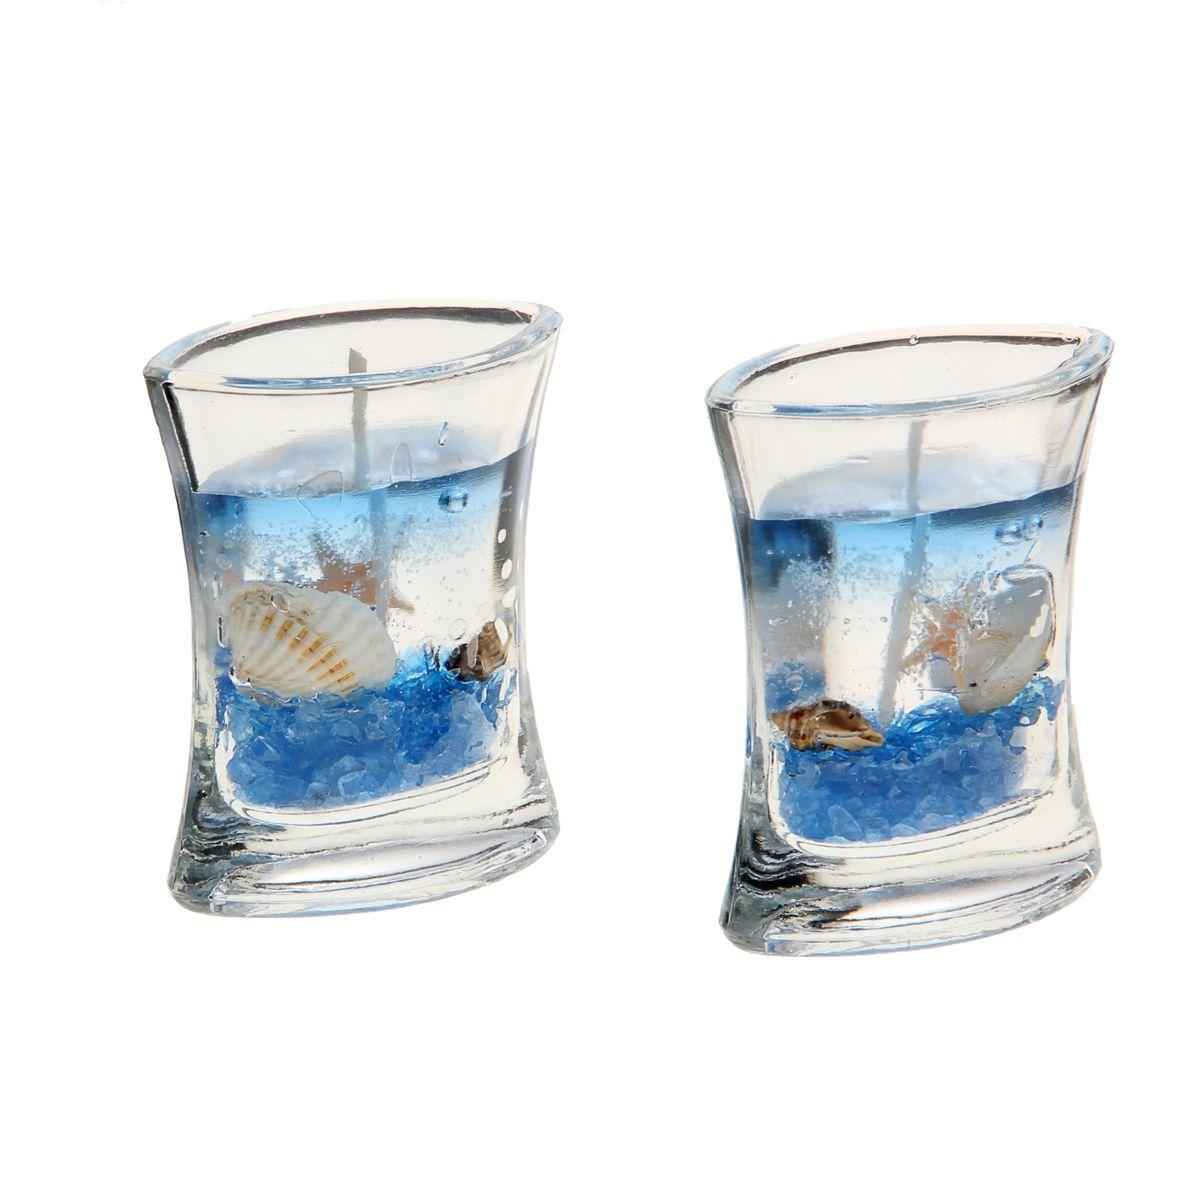 Набор декоративных свечей Sima-land Морское дно, цвет: голубой, прозрачный, 2 шт41619Набор Sima-land Морское дно, изготовленный из геля, состоит из двух декоративных свечей. Свечи поставляются в подсвечниках в виде стеклянных емкостей. Изделия оформлены ракушками и морскими звездами. Такой набор может стать отличным подарком или дополнить интерьер вашей комнаты.Размер свечи (по верхнему краю): 6,5 см х 4 см.